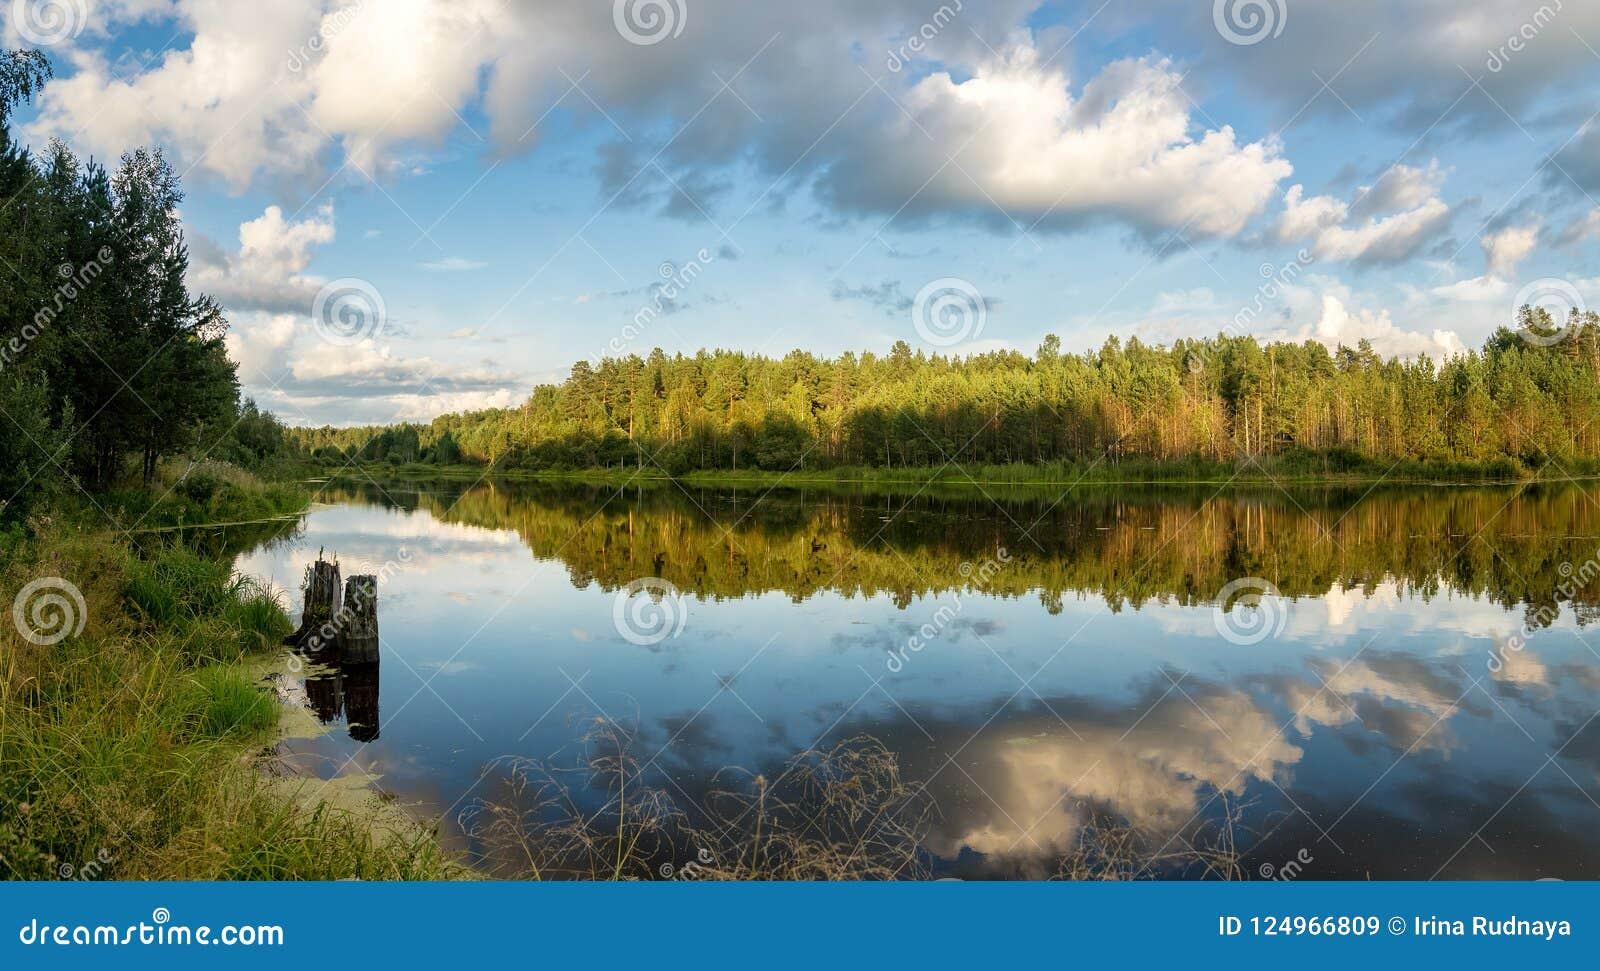 Paysage de soirée d été sur le lac Ural avec des pins sur le rivage, Russie